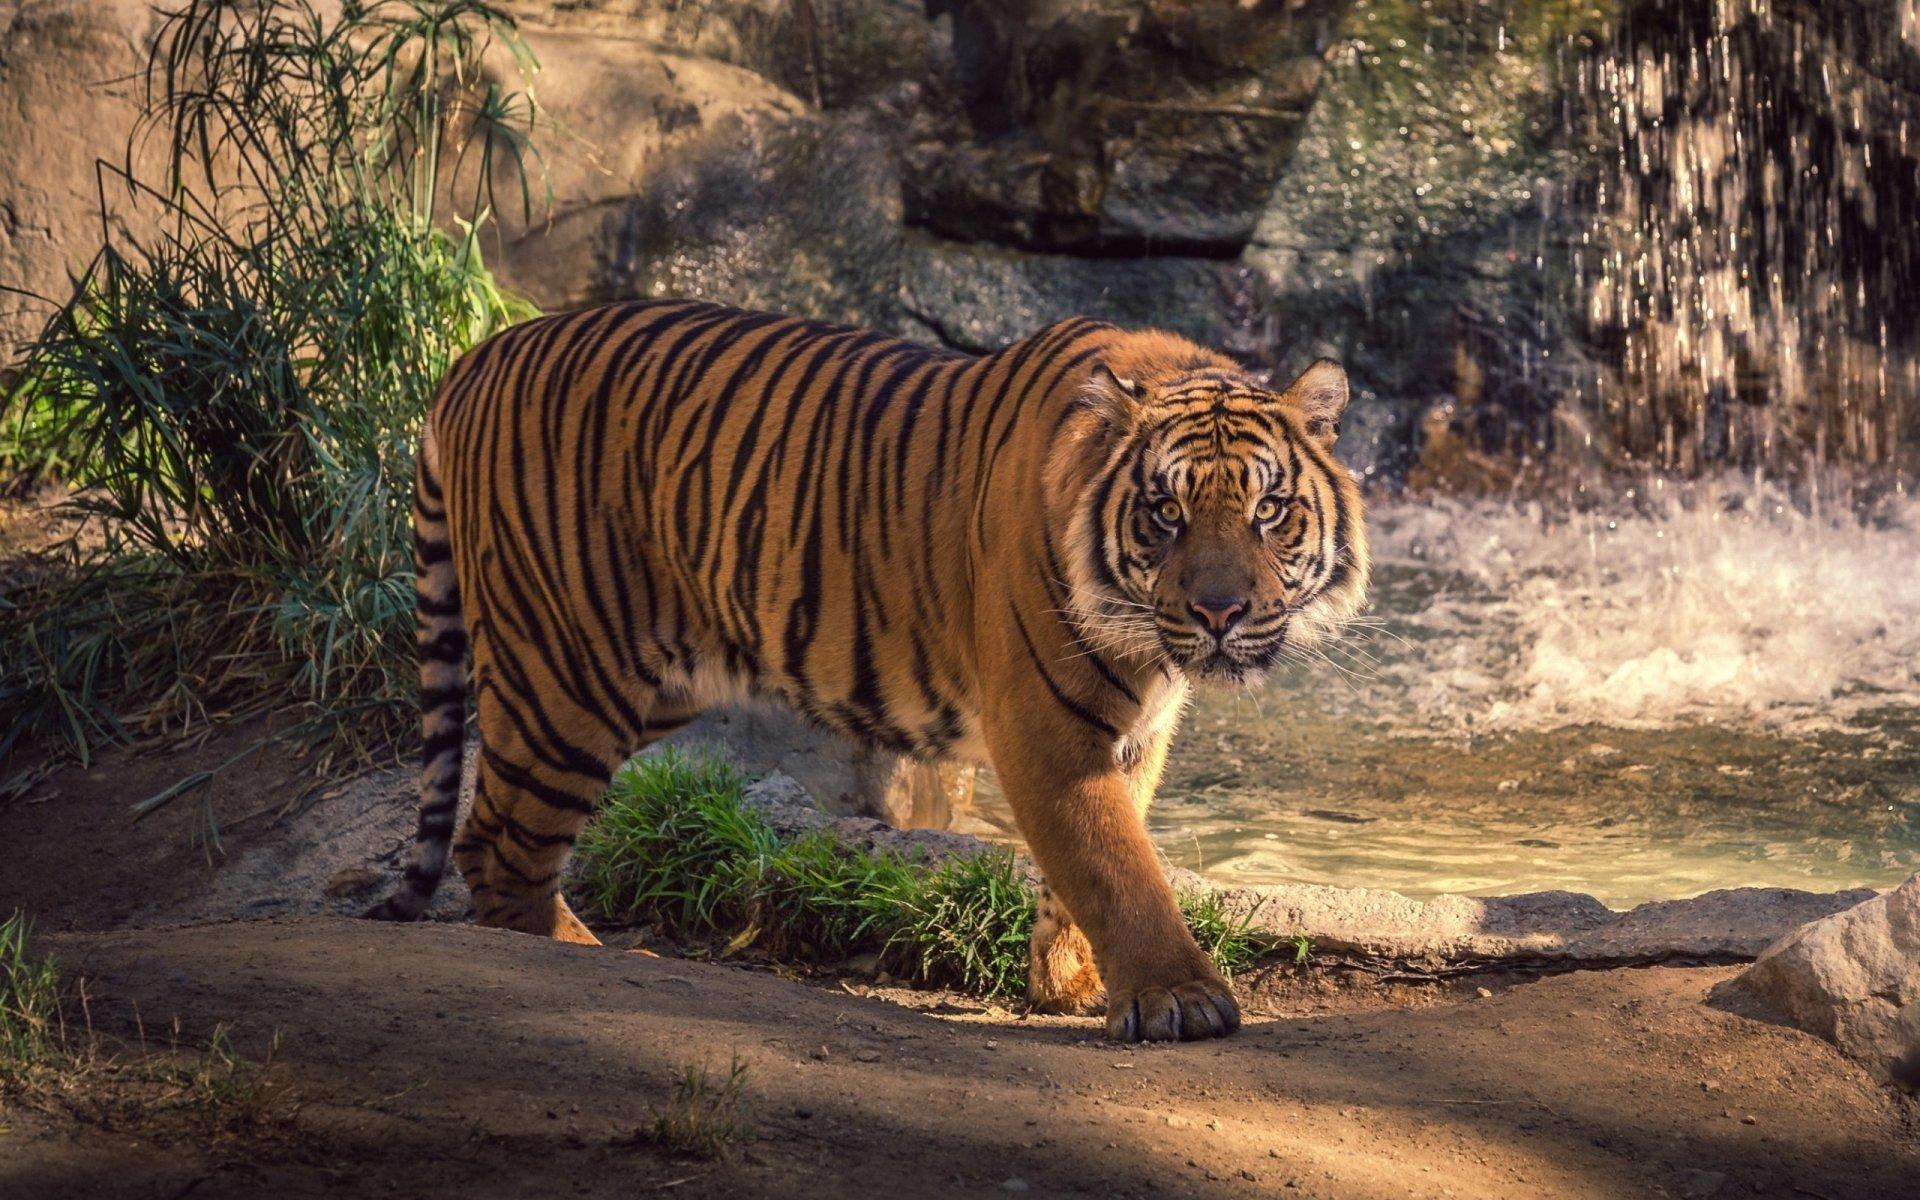 Tigre Fond d'écran HD | Arrière-Plan | 2560x1600 | ID:529343 - Wallpaper Abyss